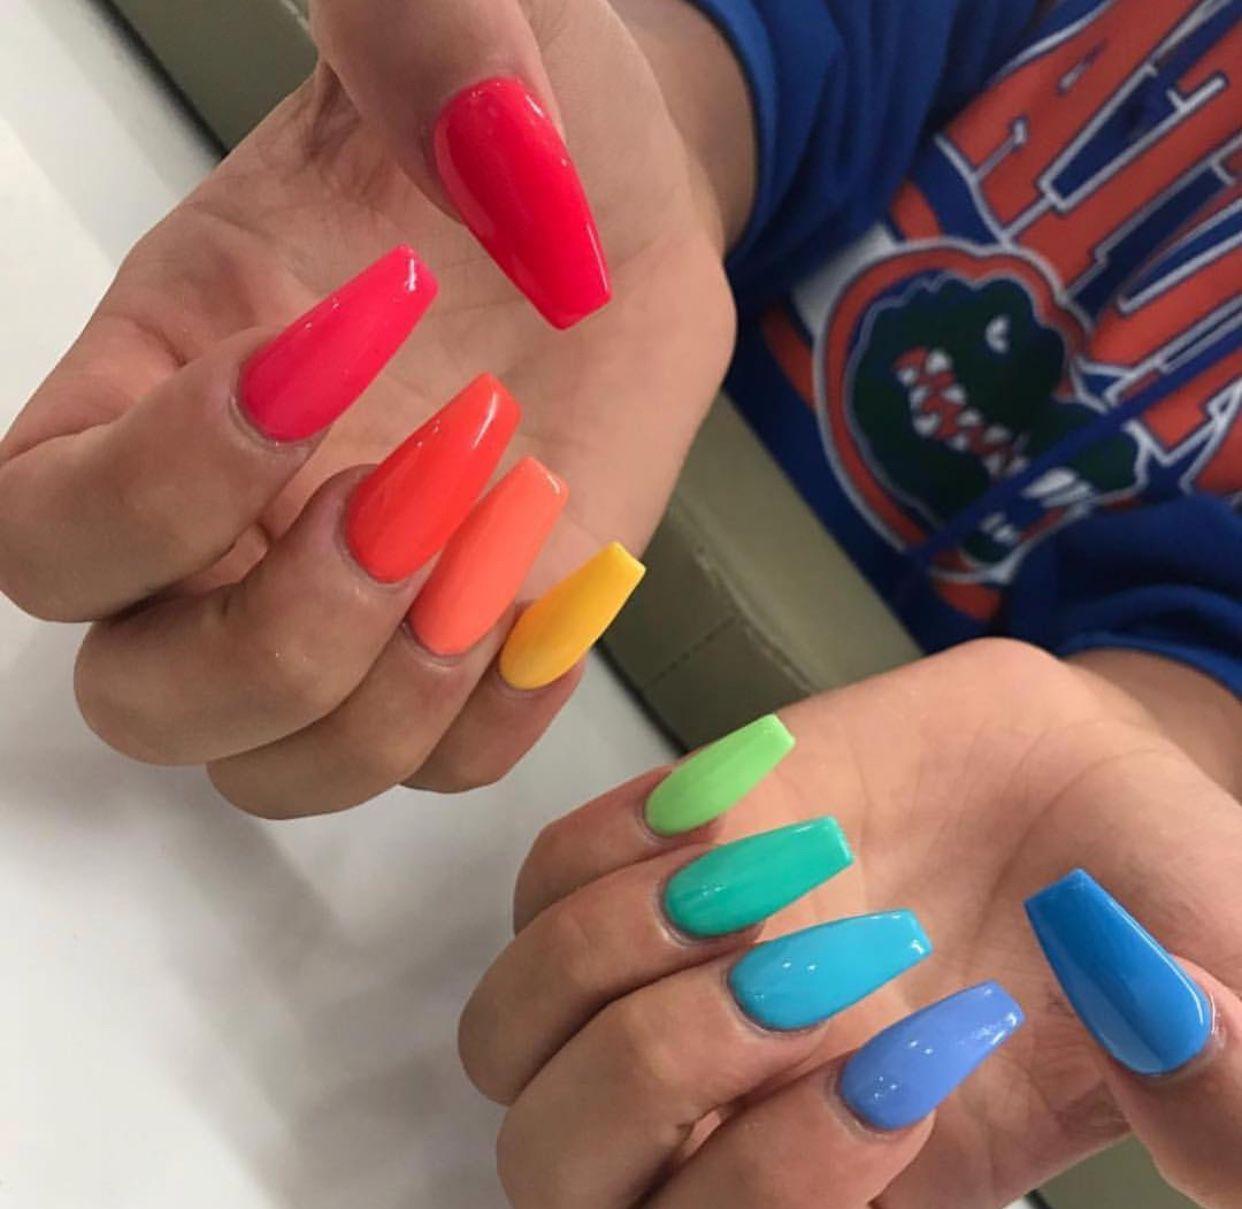 Cute Rainbow Nails Follow Viqqtoriaa For More Nails Acrylic Nails Stiletto Summer Acrylic Nails Coffin Nails Designs